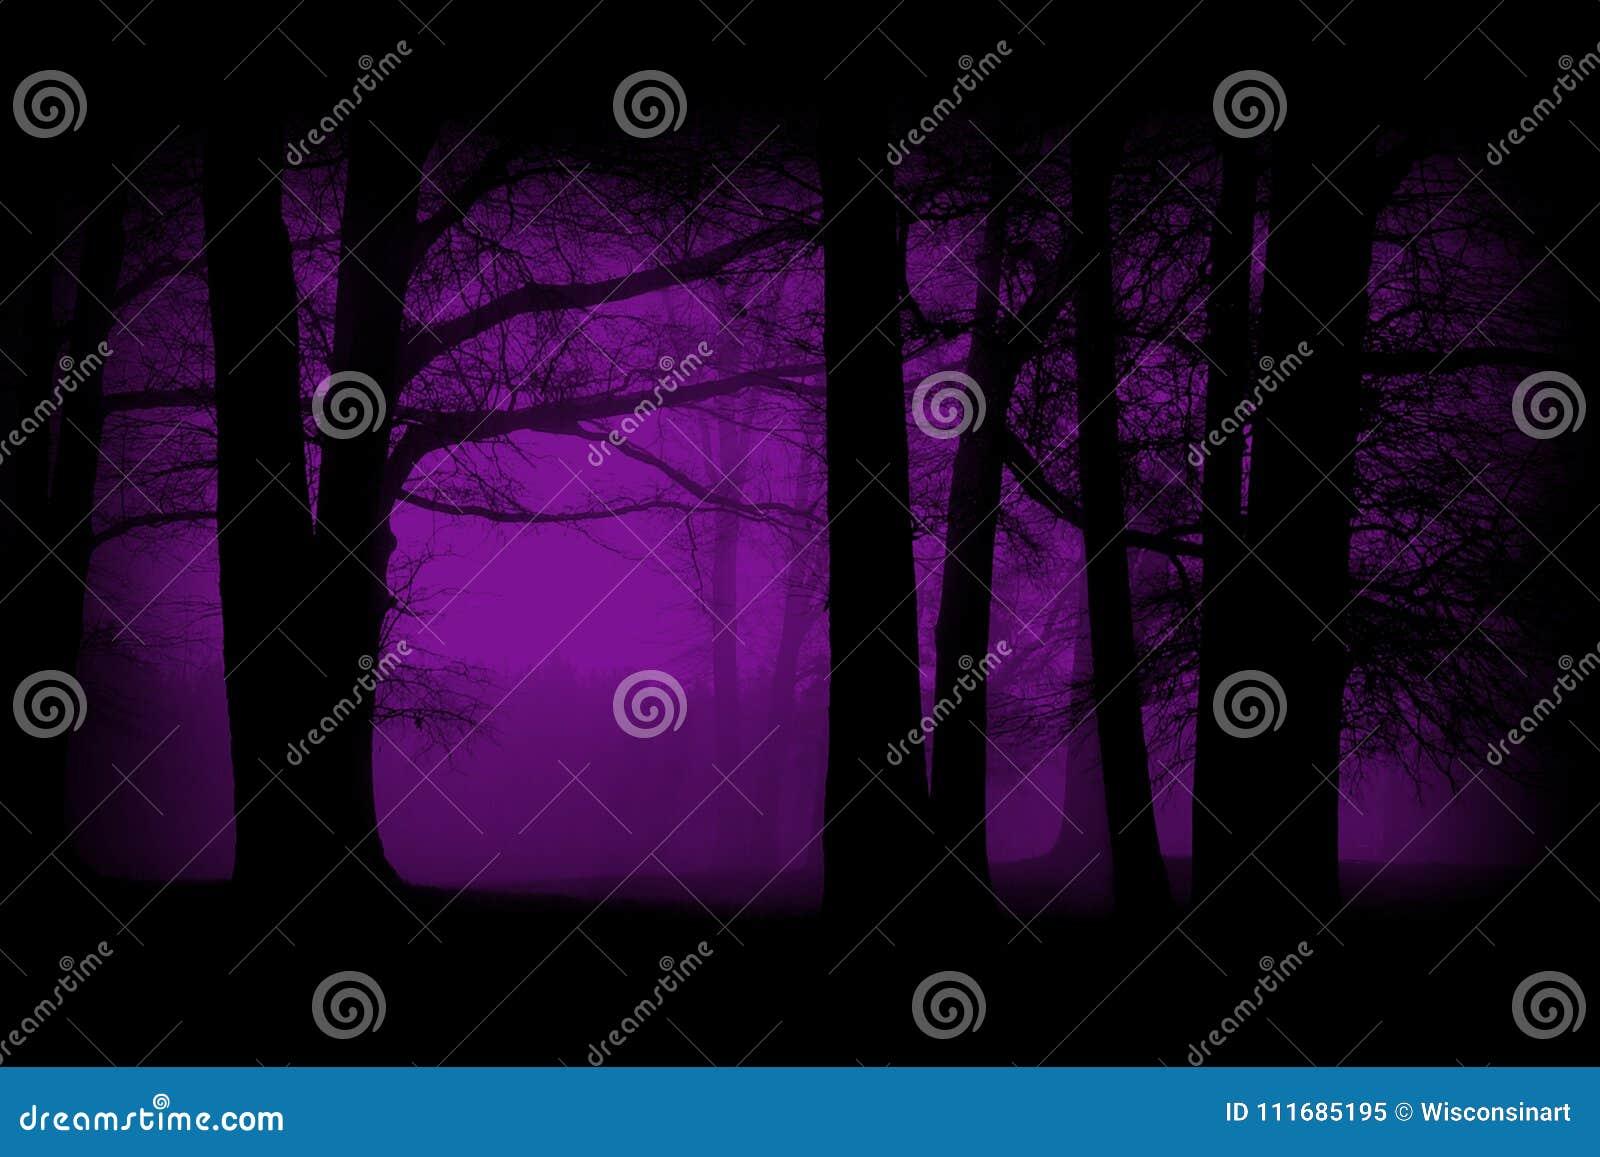 紫色,紫罗兰色森林,森林背景